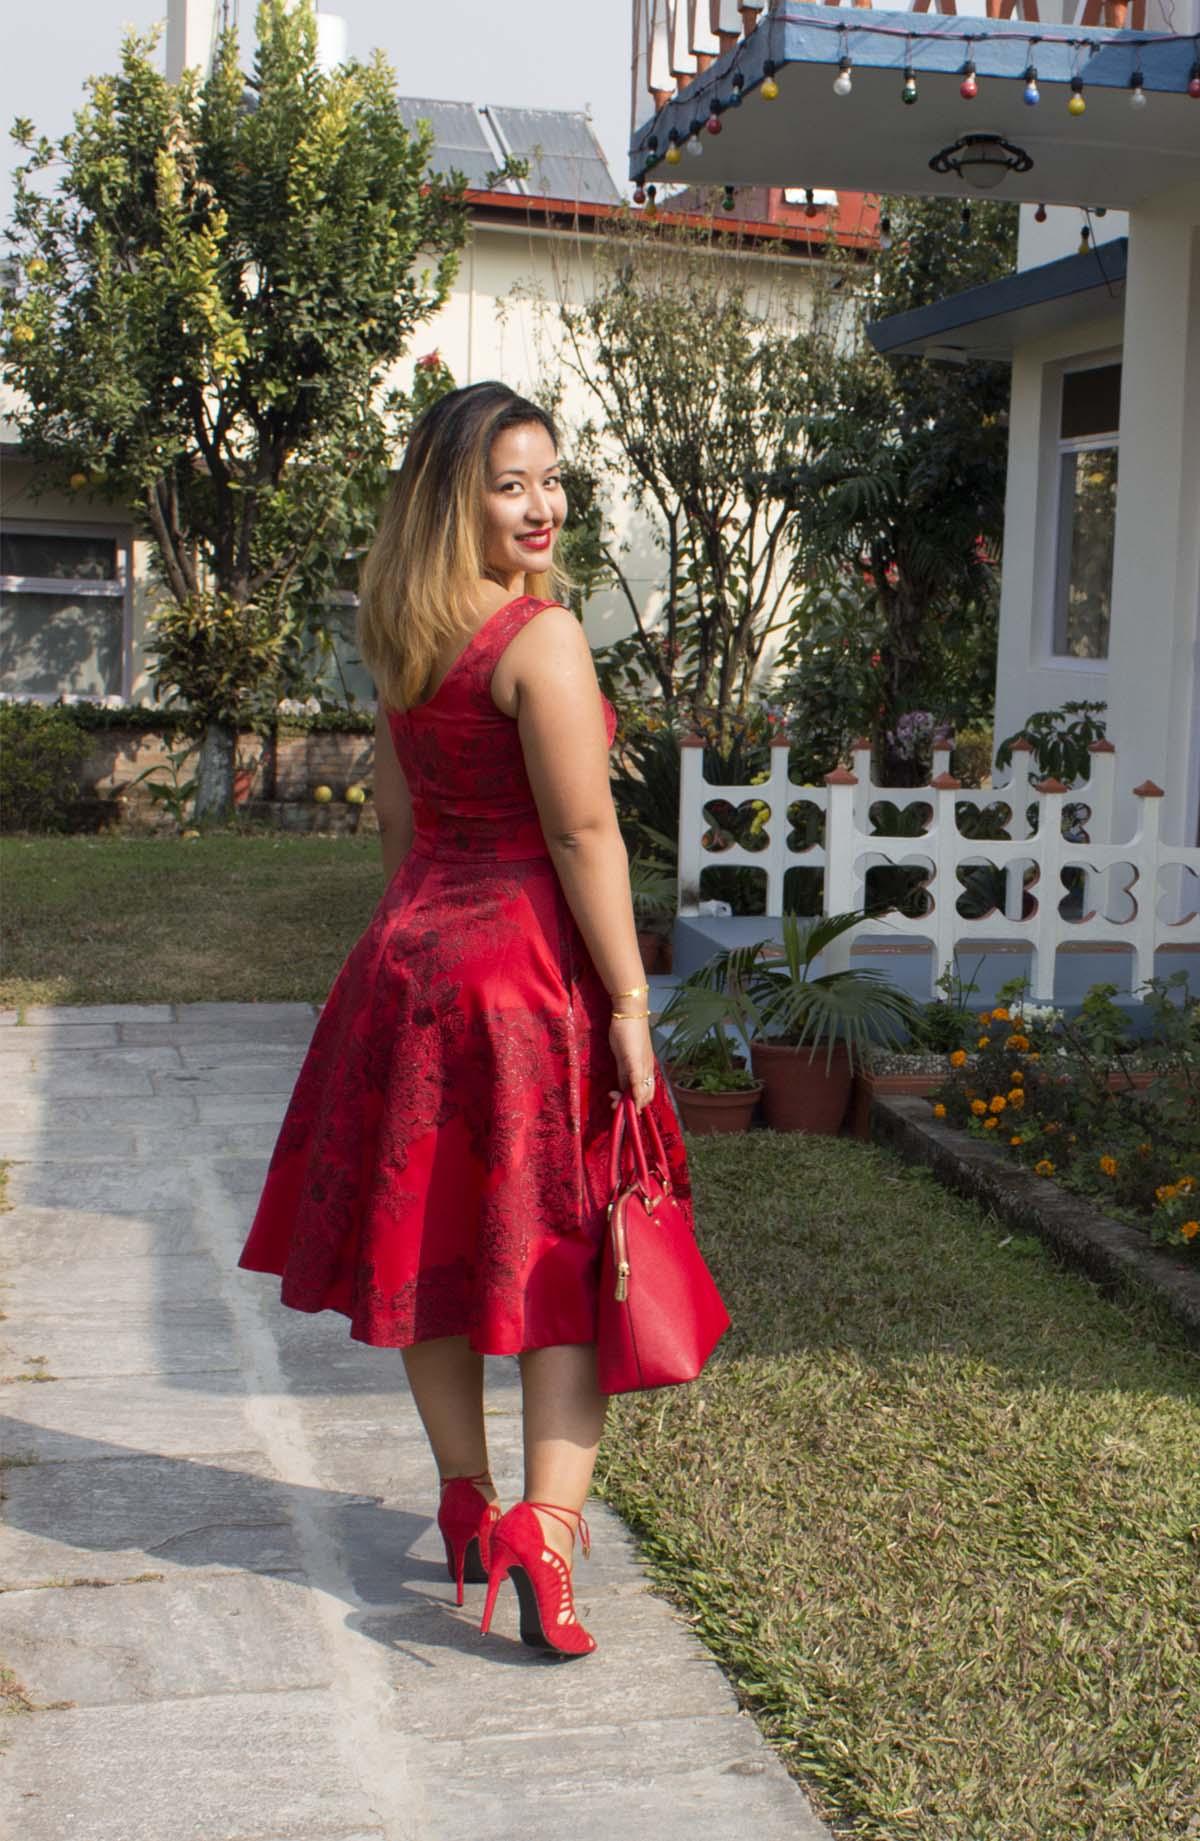 Red Dress_xmas_2.jpg